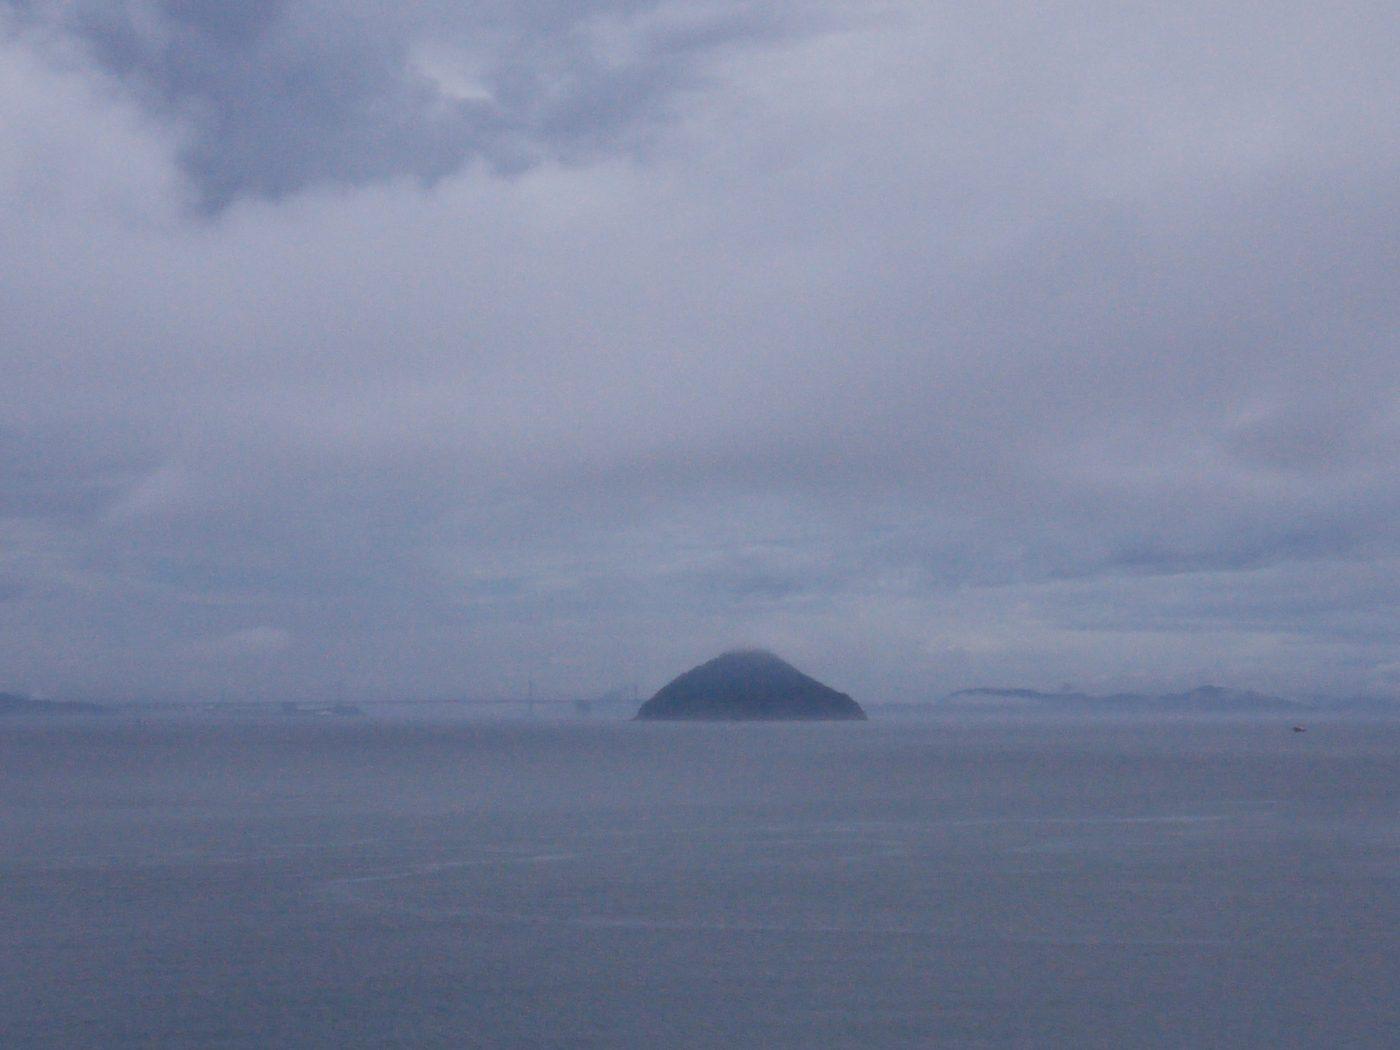 Une des nombreuses îles autour de Setouchi au Japon